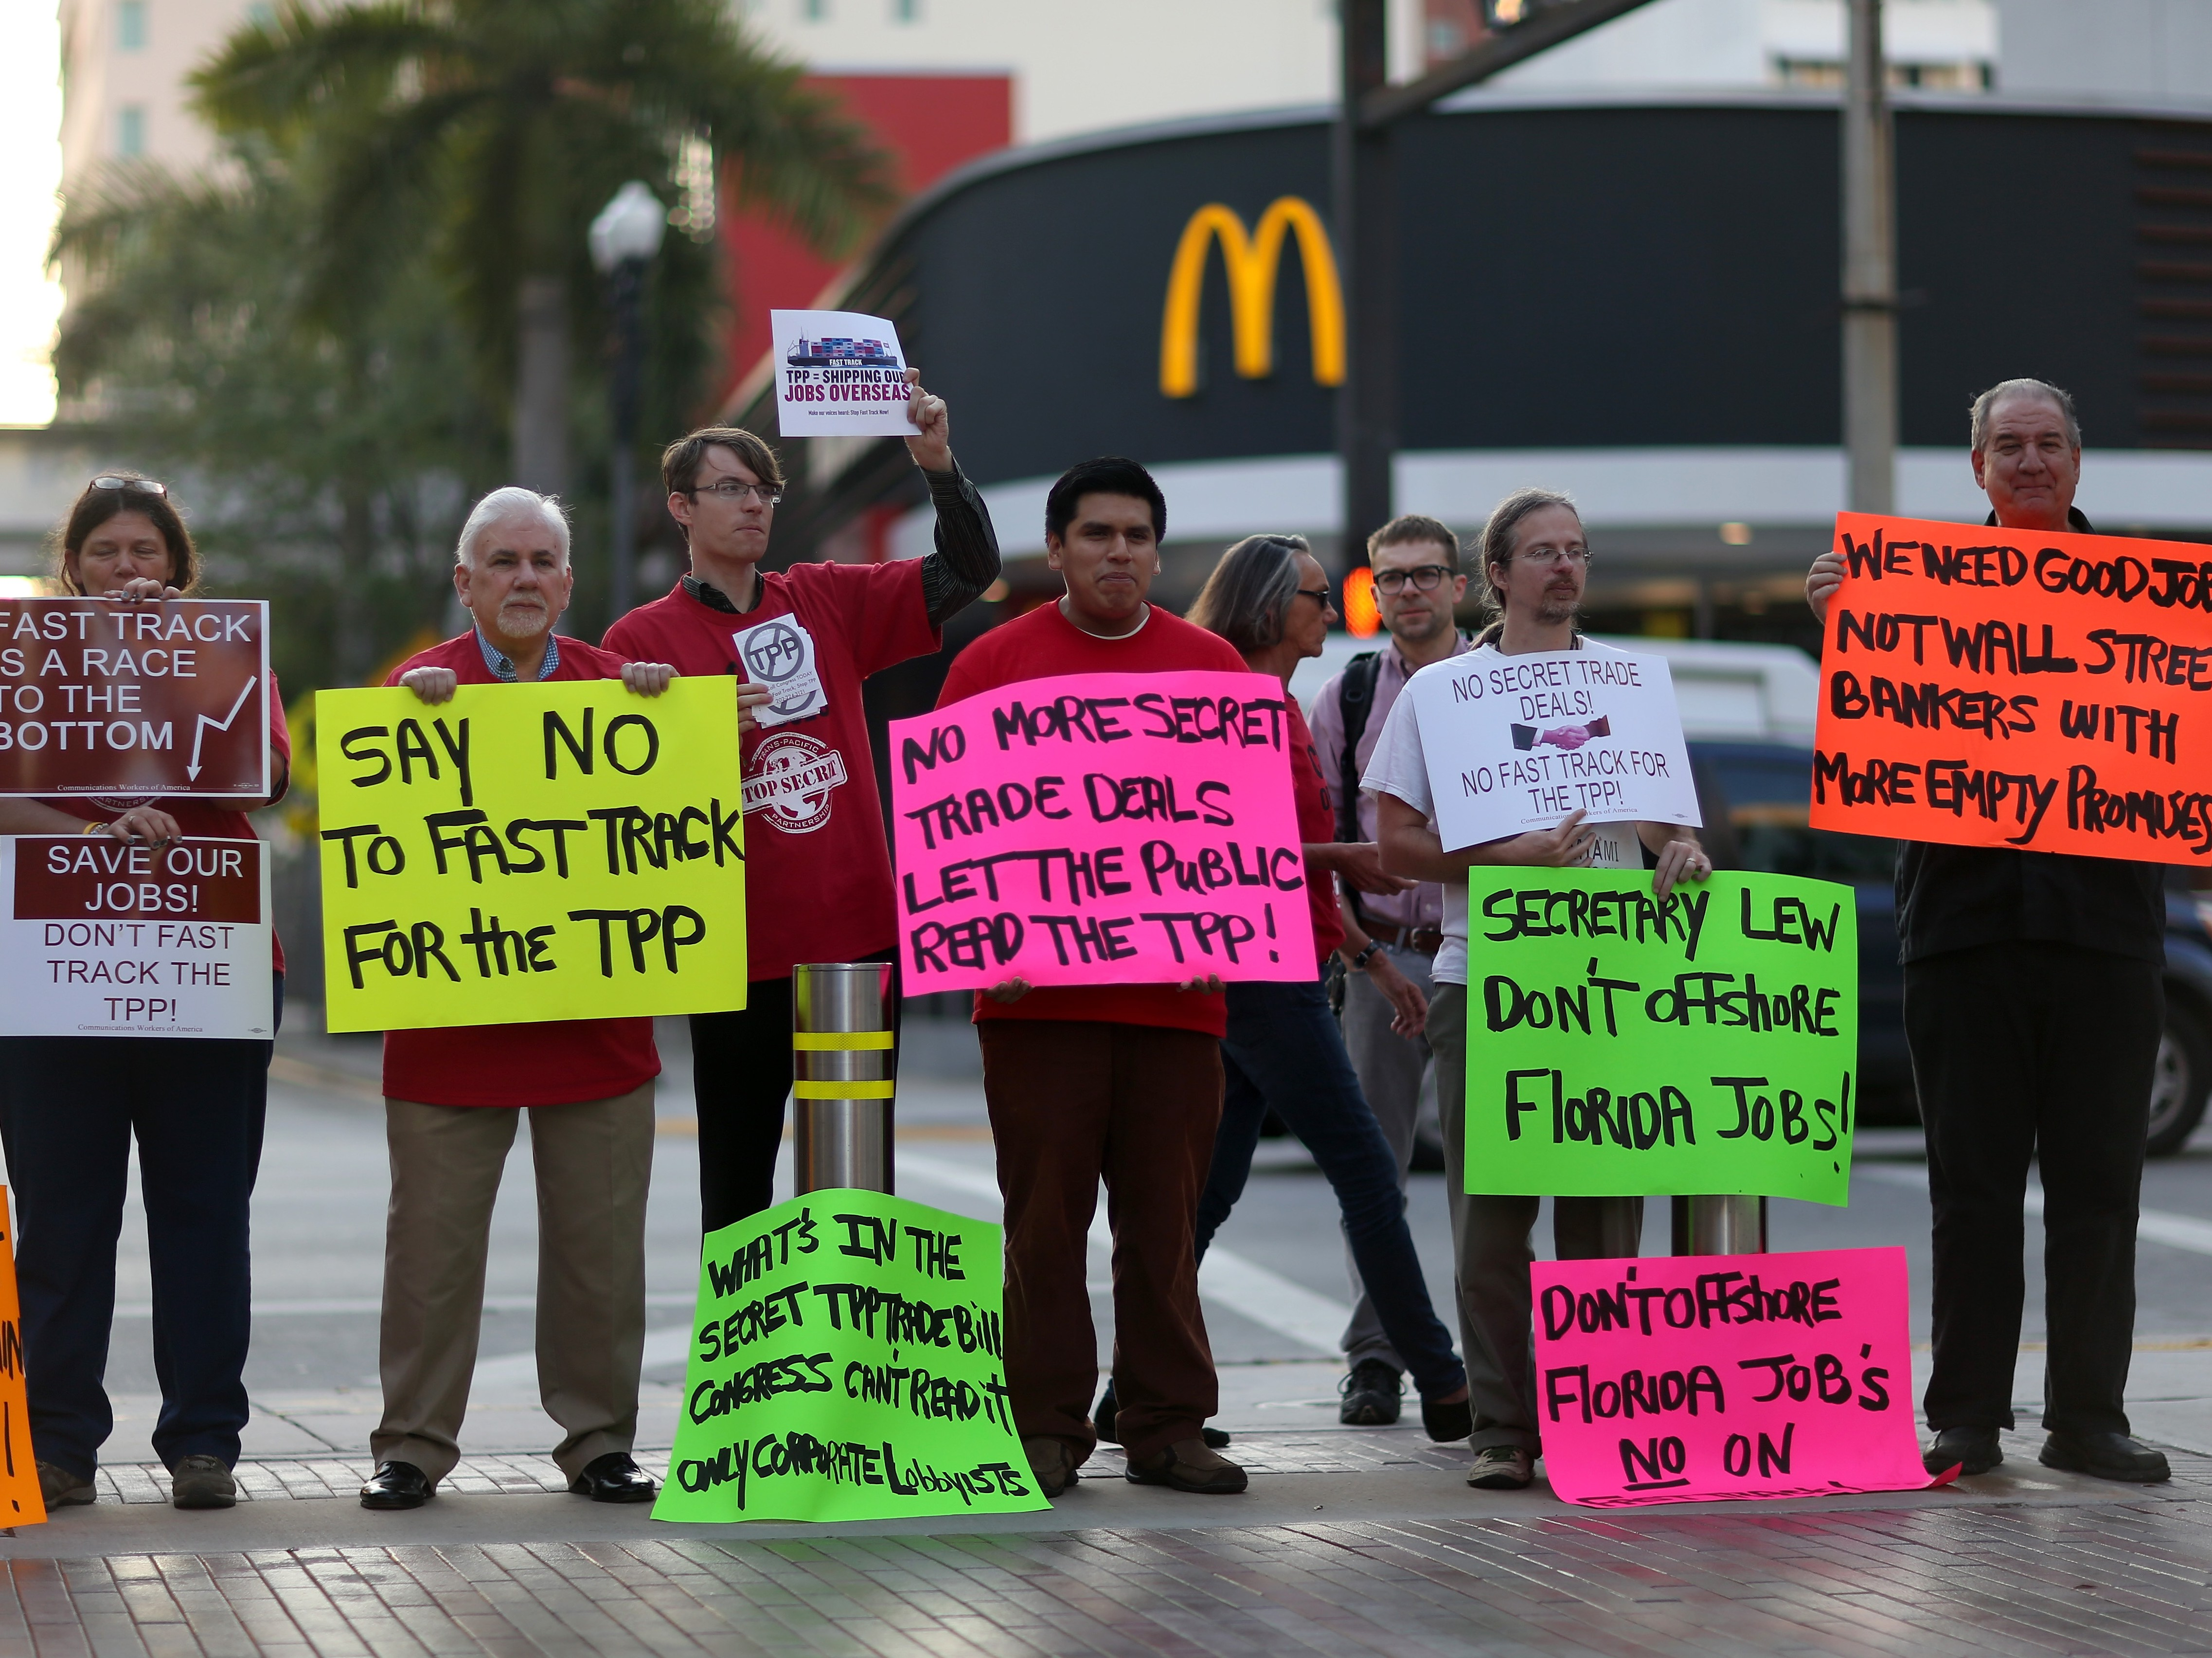 Labor Activists Protests Outside Treasury Secretary's Lew Talk At Miami Dade College